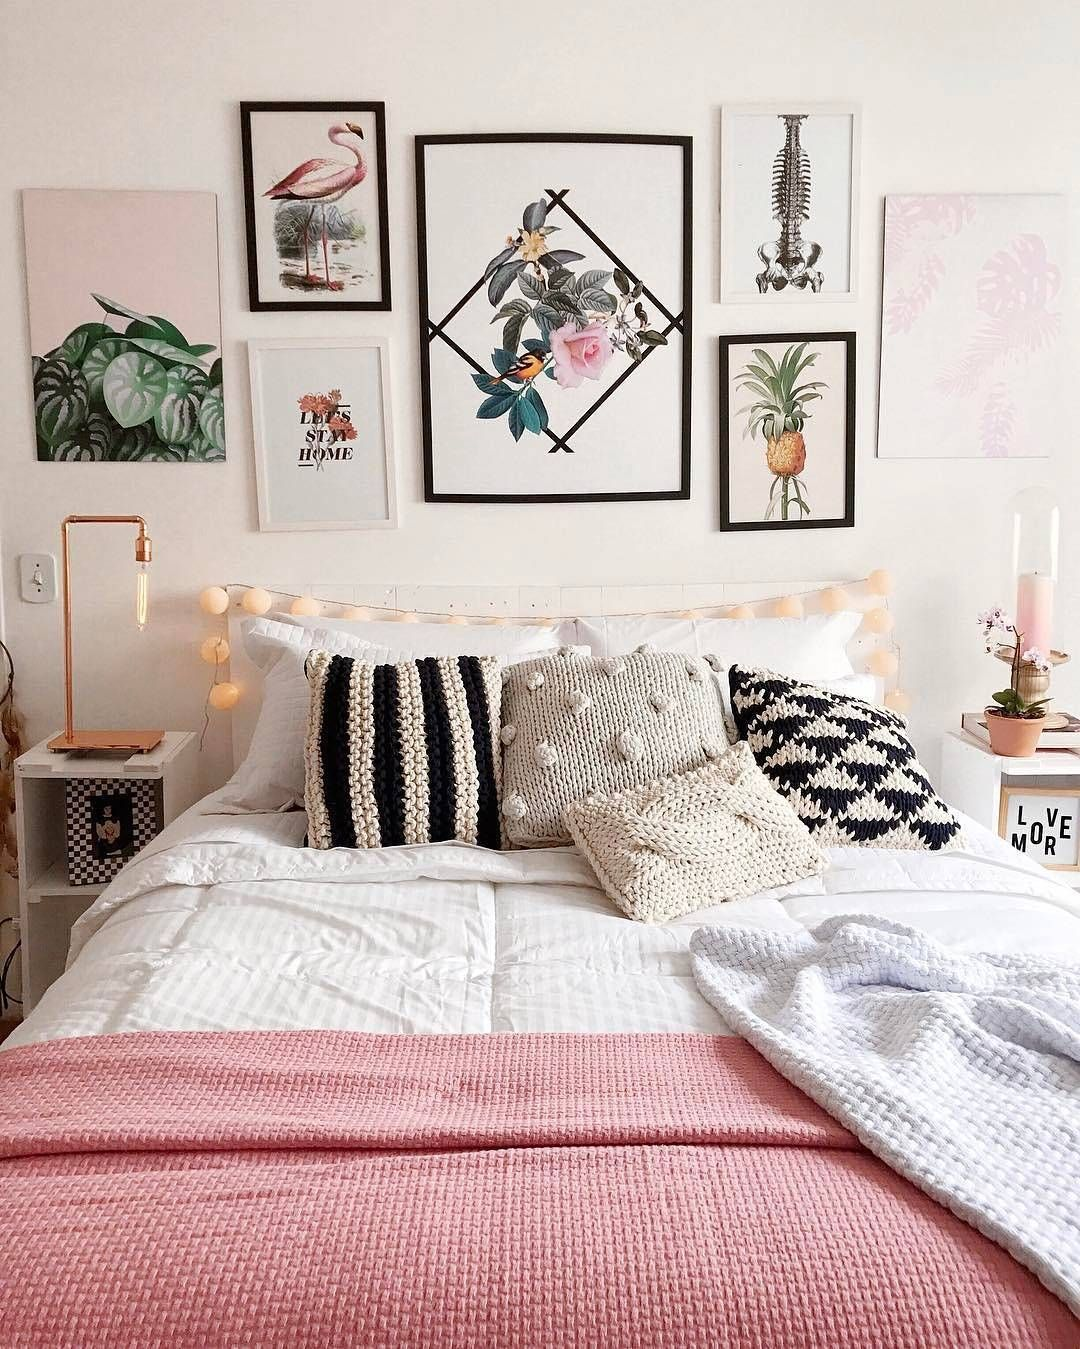 Pin van Lucia op Dream Home   Pinterest - Slaapkamer, Decoraties en ...